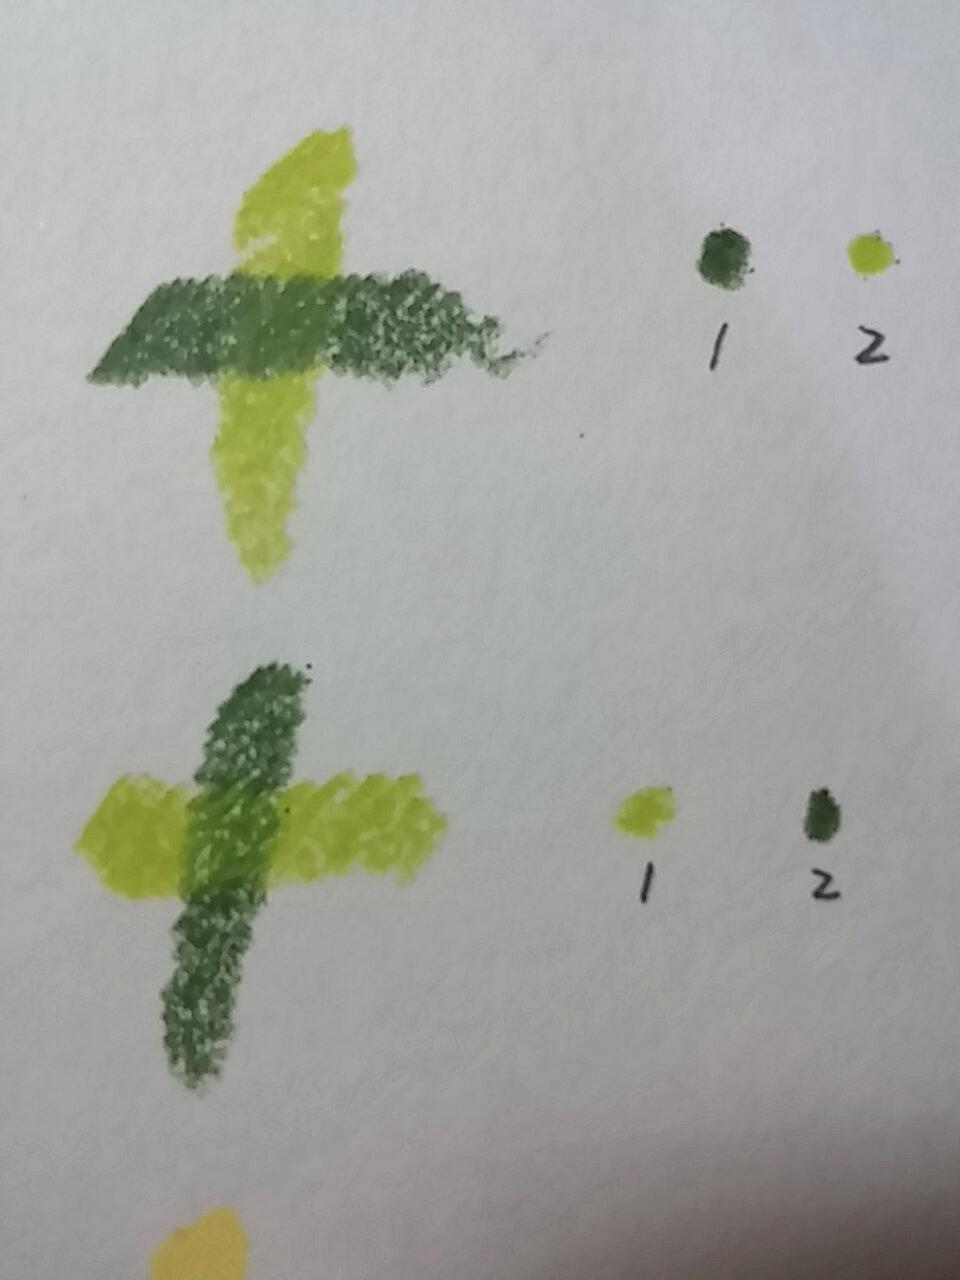 【雜談】色鉛筆的3種疊疊樂順序(圖多)|我的色鉛筆